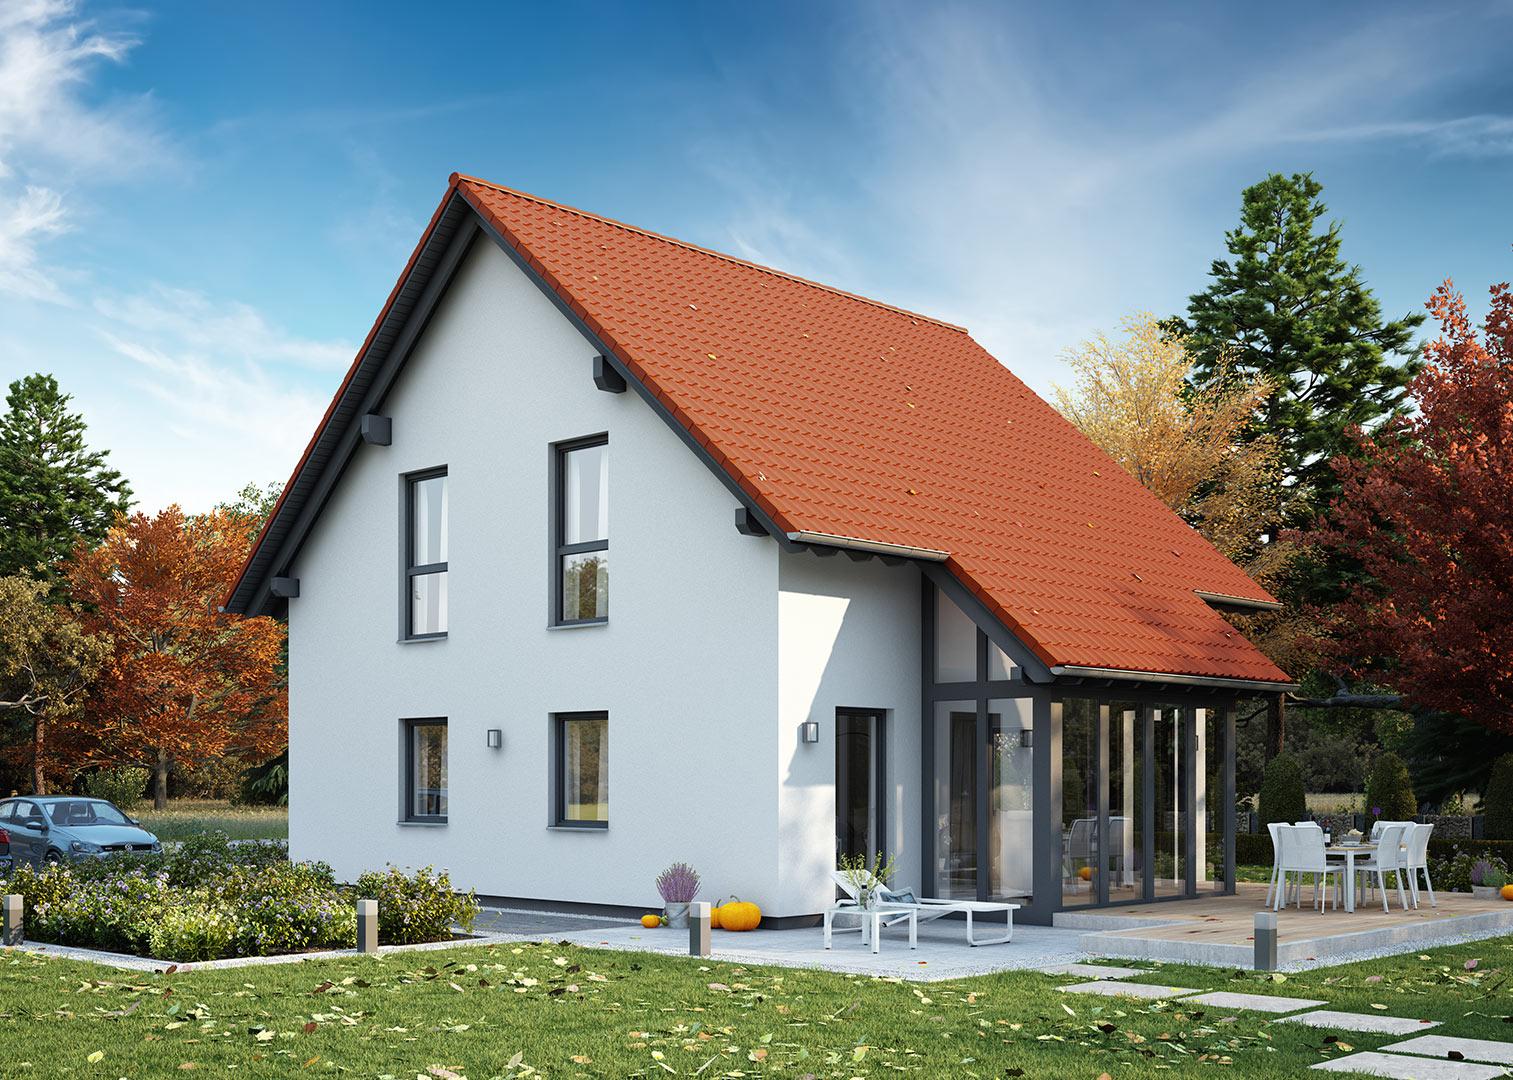 massa-einfamilienhaus-lifestyle-14-02-s-bild-4